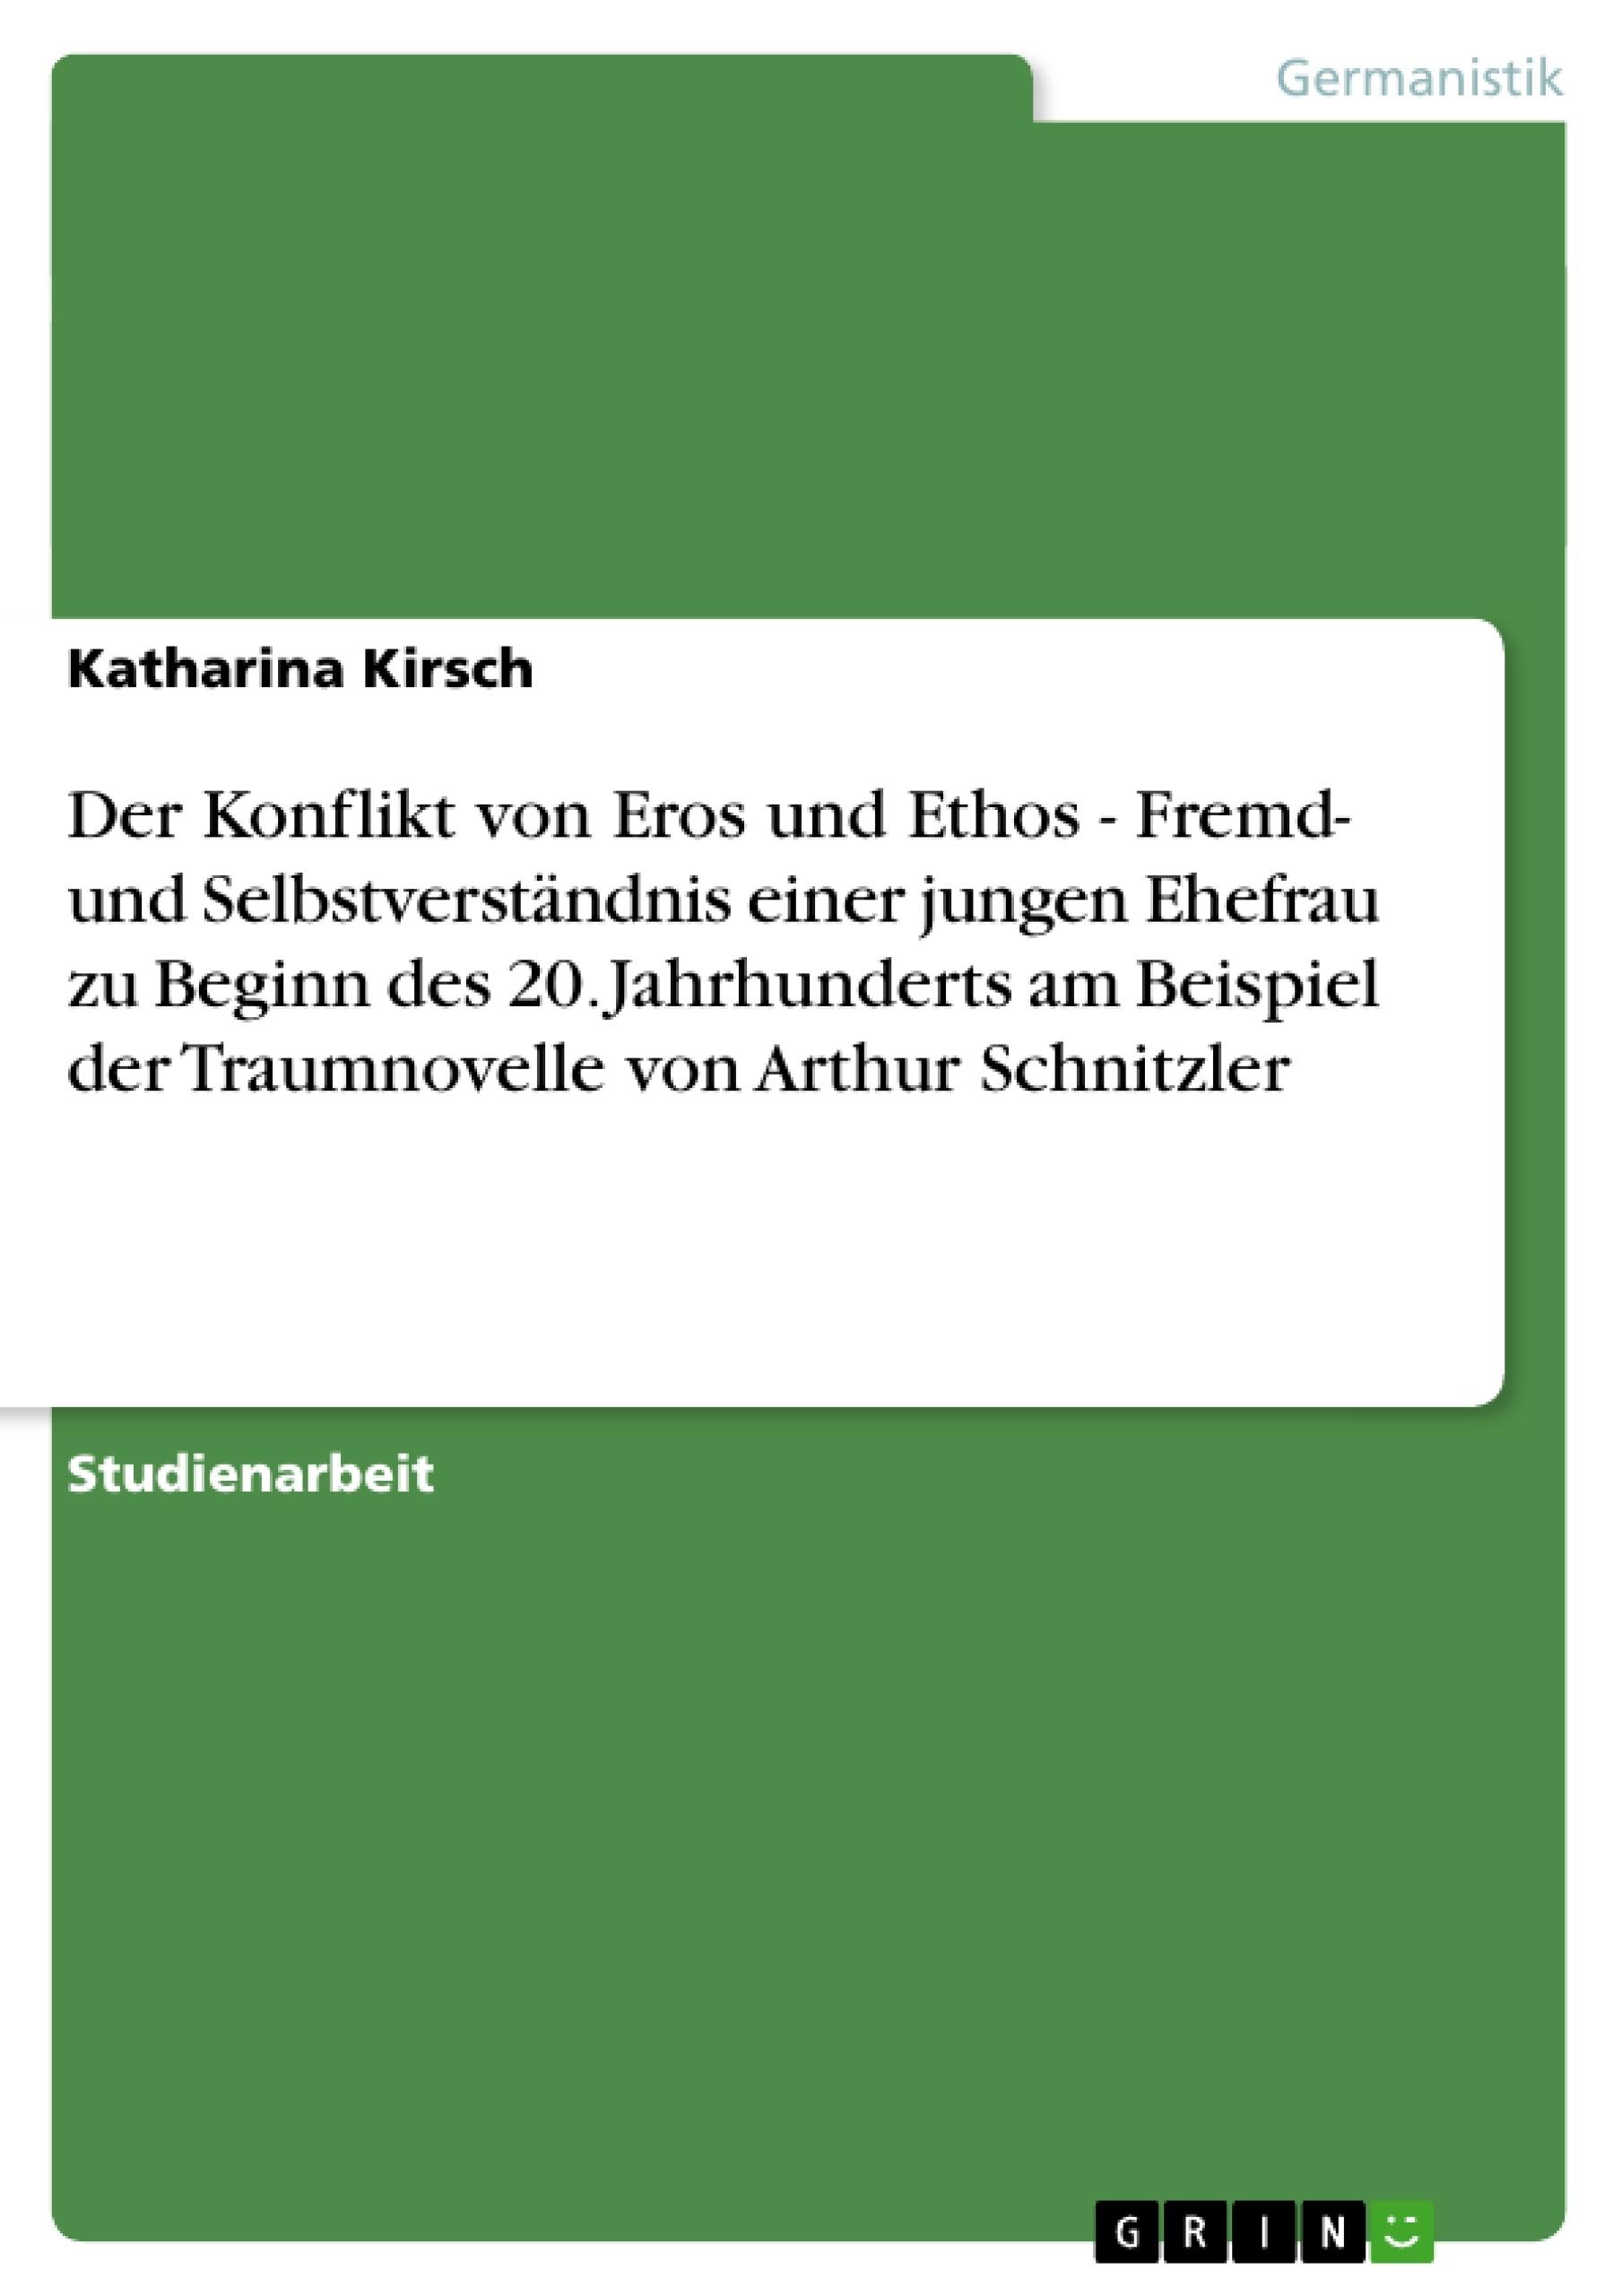 Titel: Der Konflikt von Eros und Ethos - Fremd- und Selbstverständnis einer jungen Ehefrau zu Beginn des 20. Jahrhunderts am Beispiel der Traumnovelle von Arthur Schnitzler